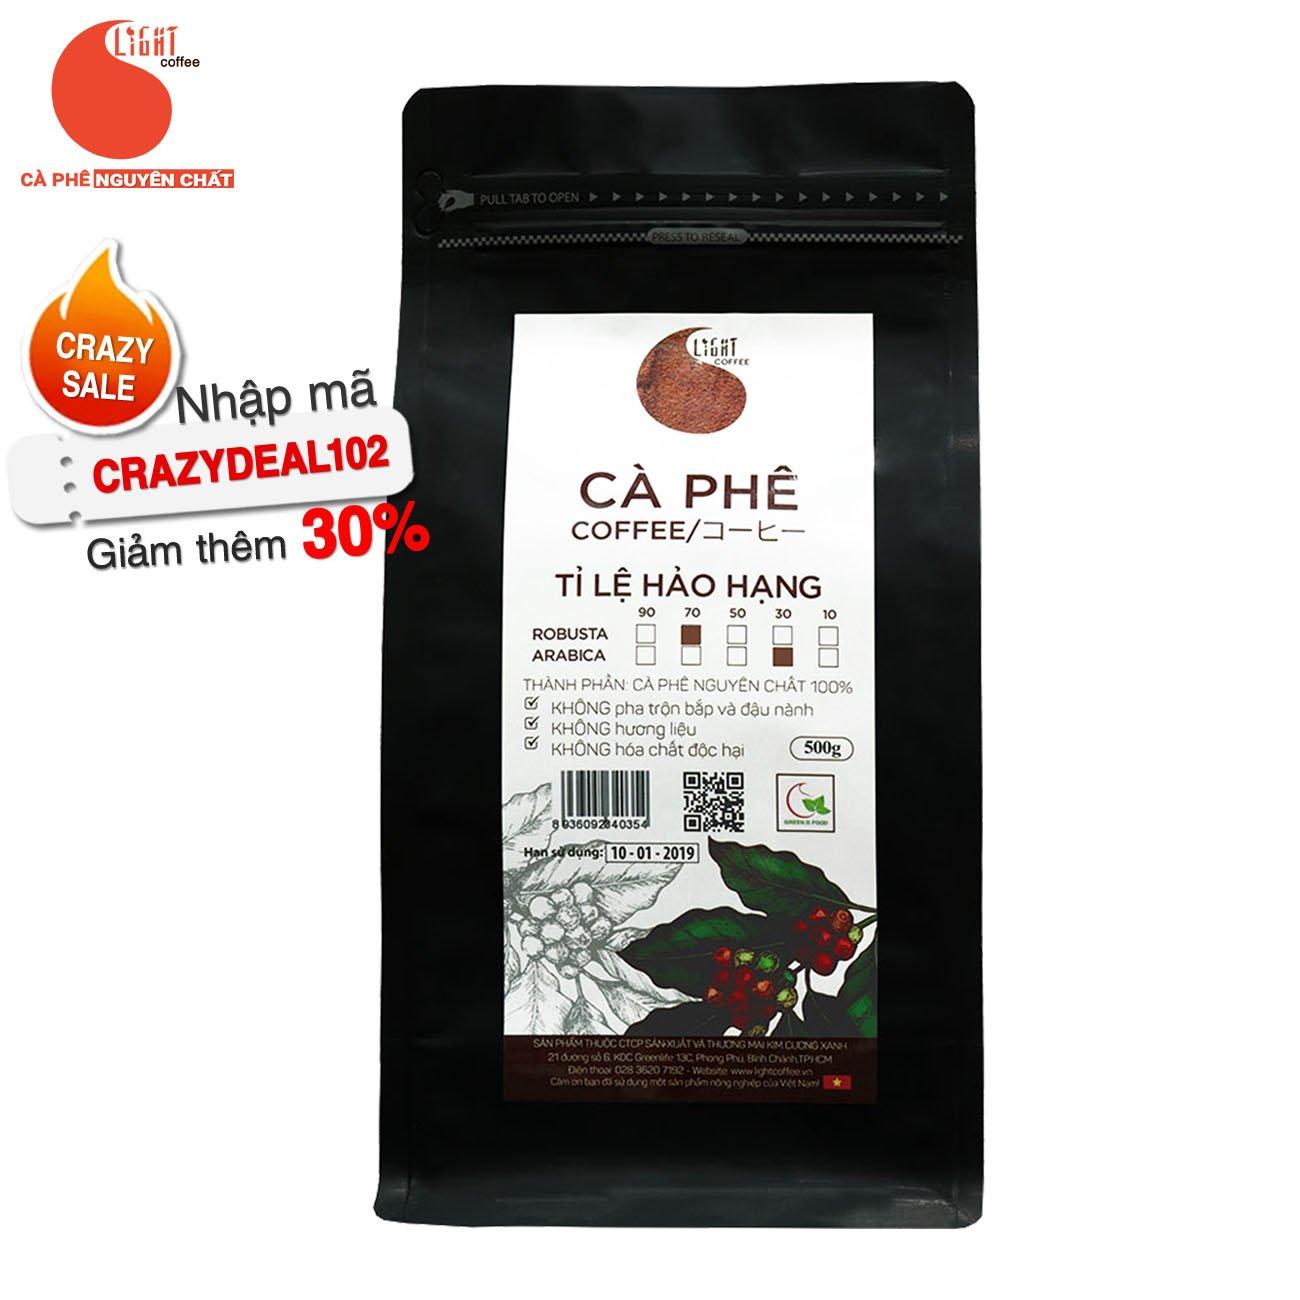 500g - Cà phê bột Tỉ lệ Hảo Hạng - 70% Robusta + 30% Arabica - Light coffee